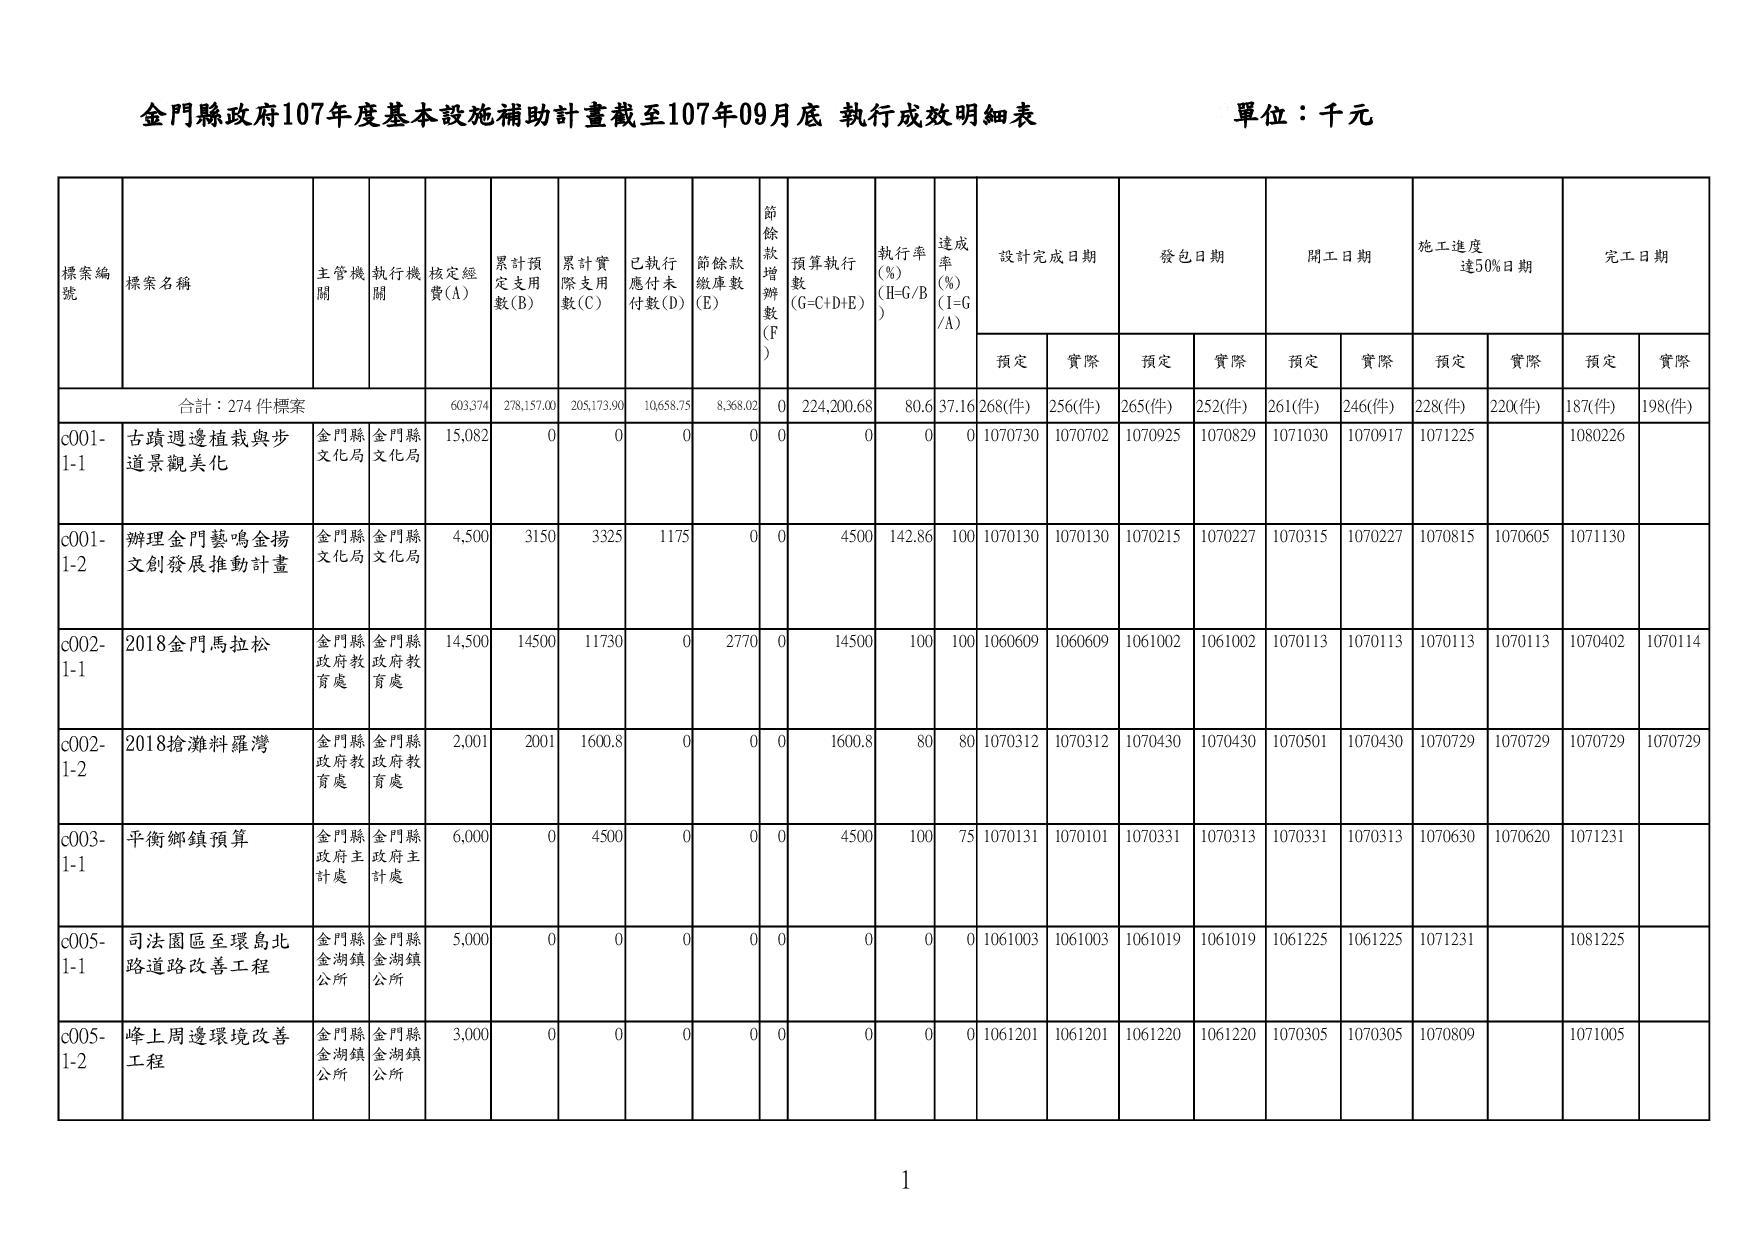 金門縣政府107年度基本設施補助計畫截至107年09月底 執行成效明細表